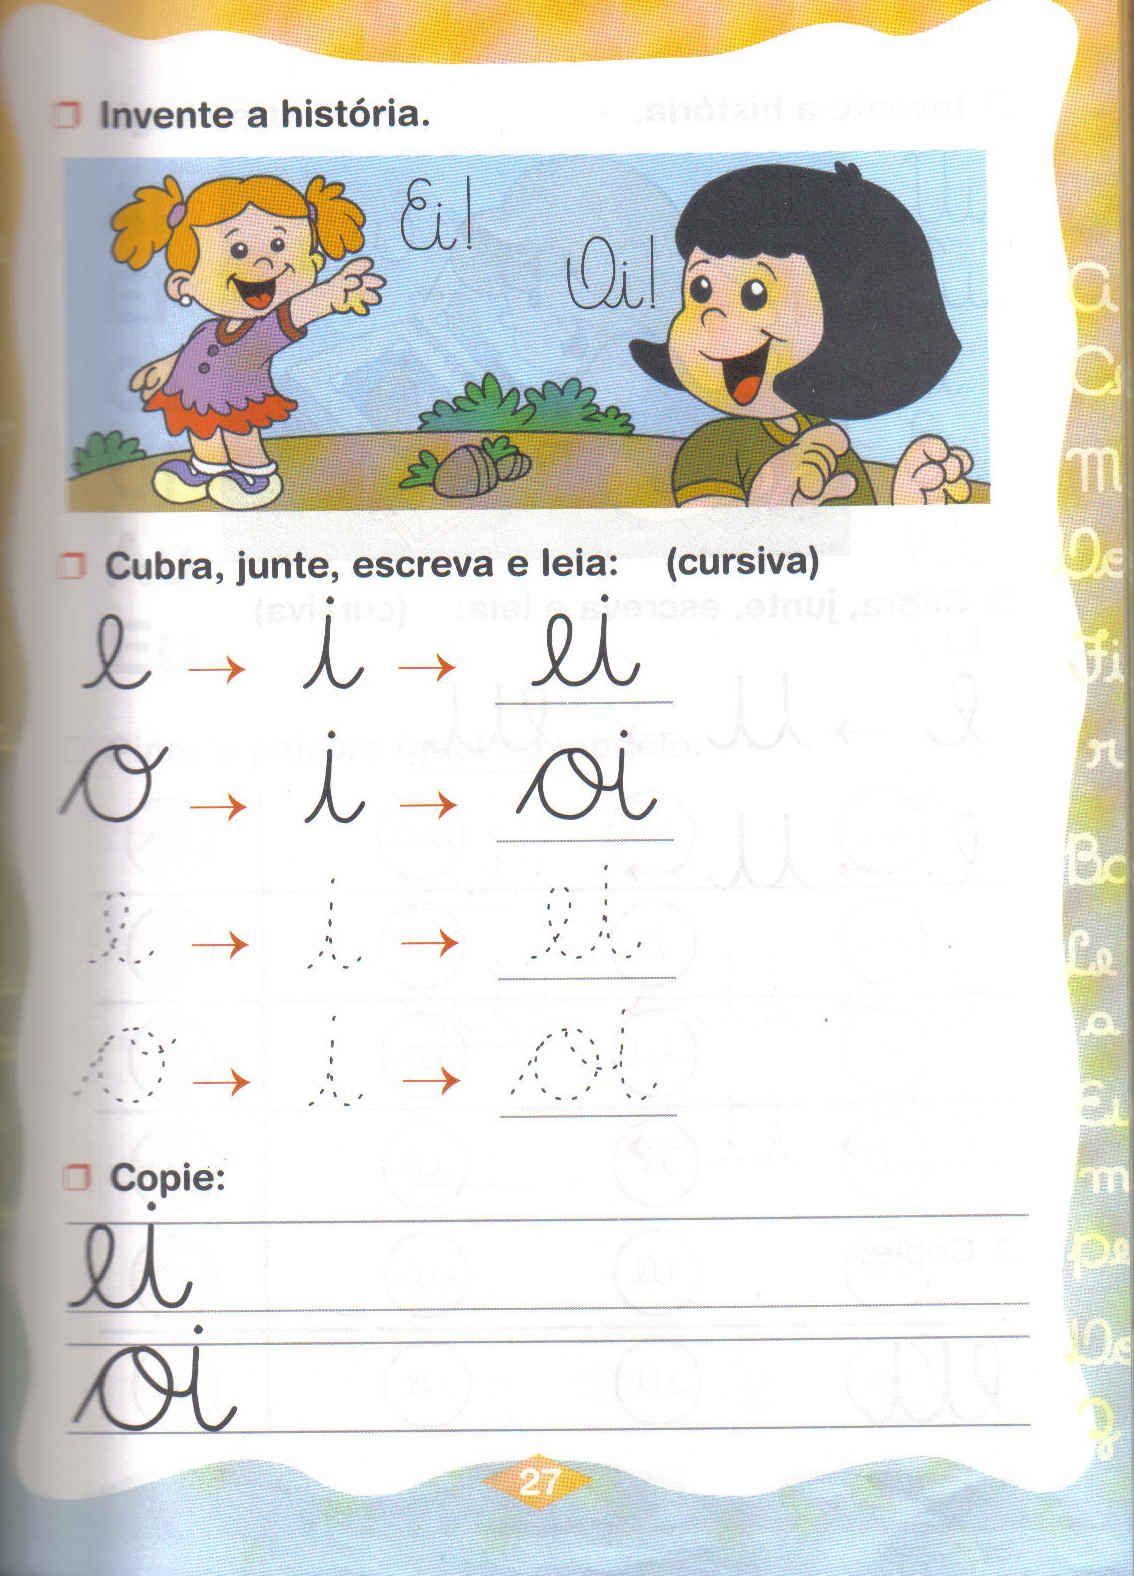 atividades+vogais+mai%25C3%25BAsculas+educa%25C3%25A7%25C3%25A3o+infantil+%252815%2529.jpg